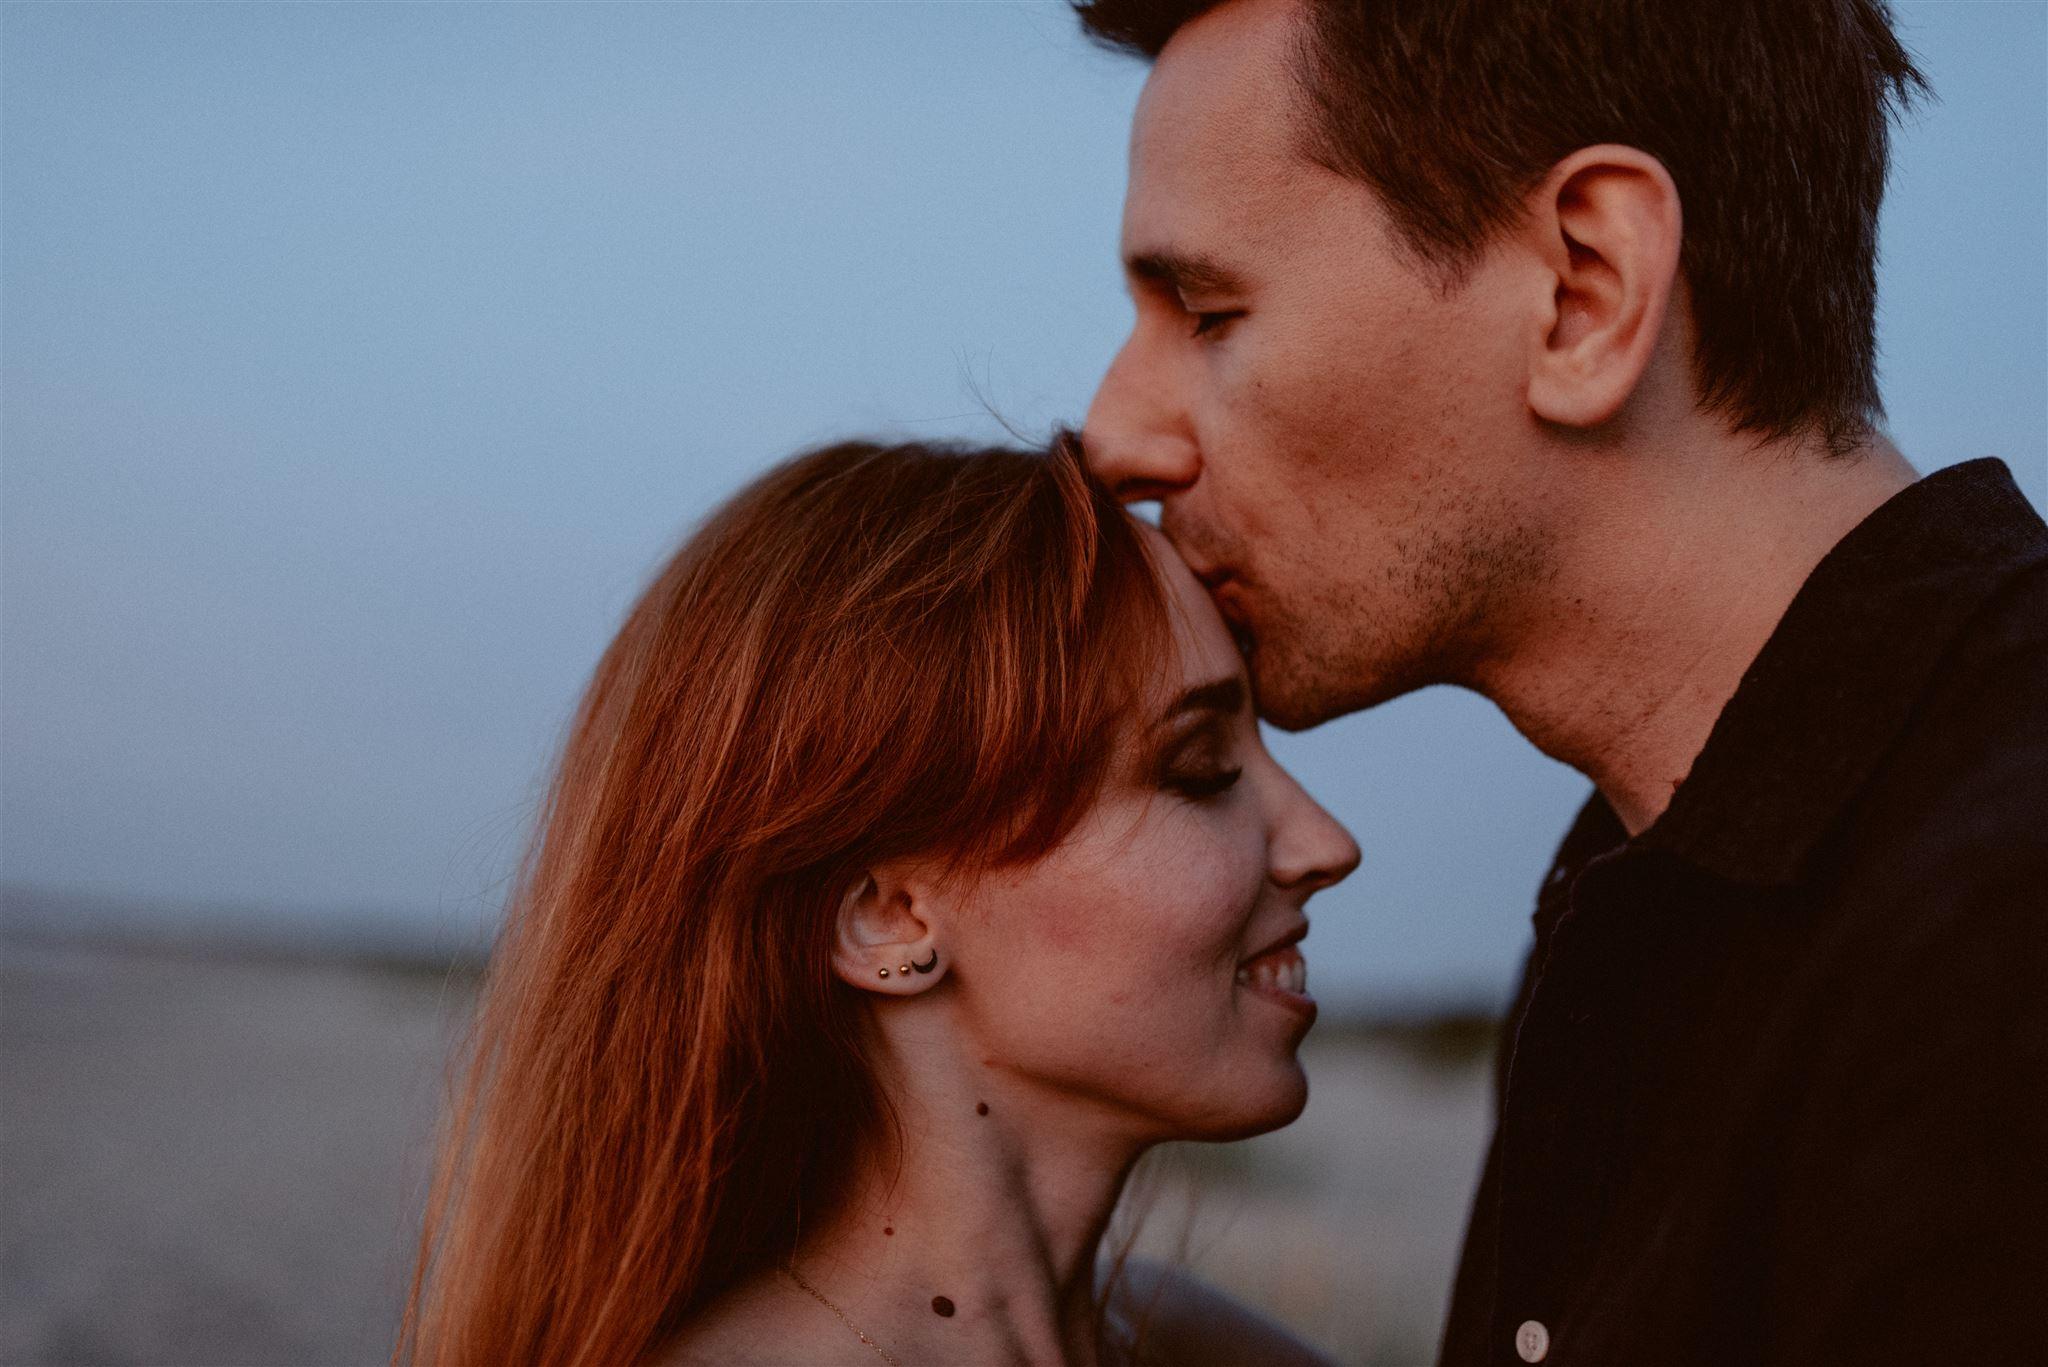 Nasza osobista sesja poślubna! 21 DSC 7409 websize